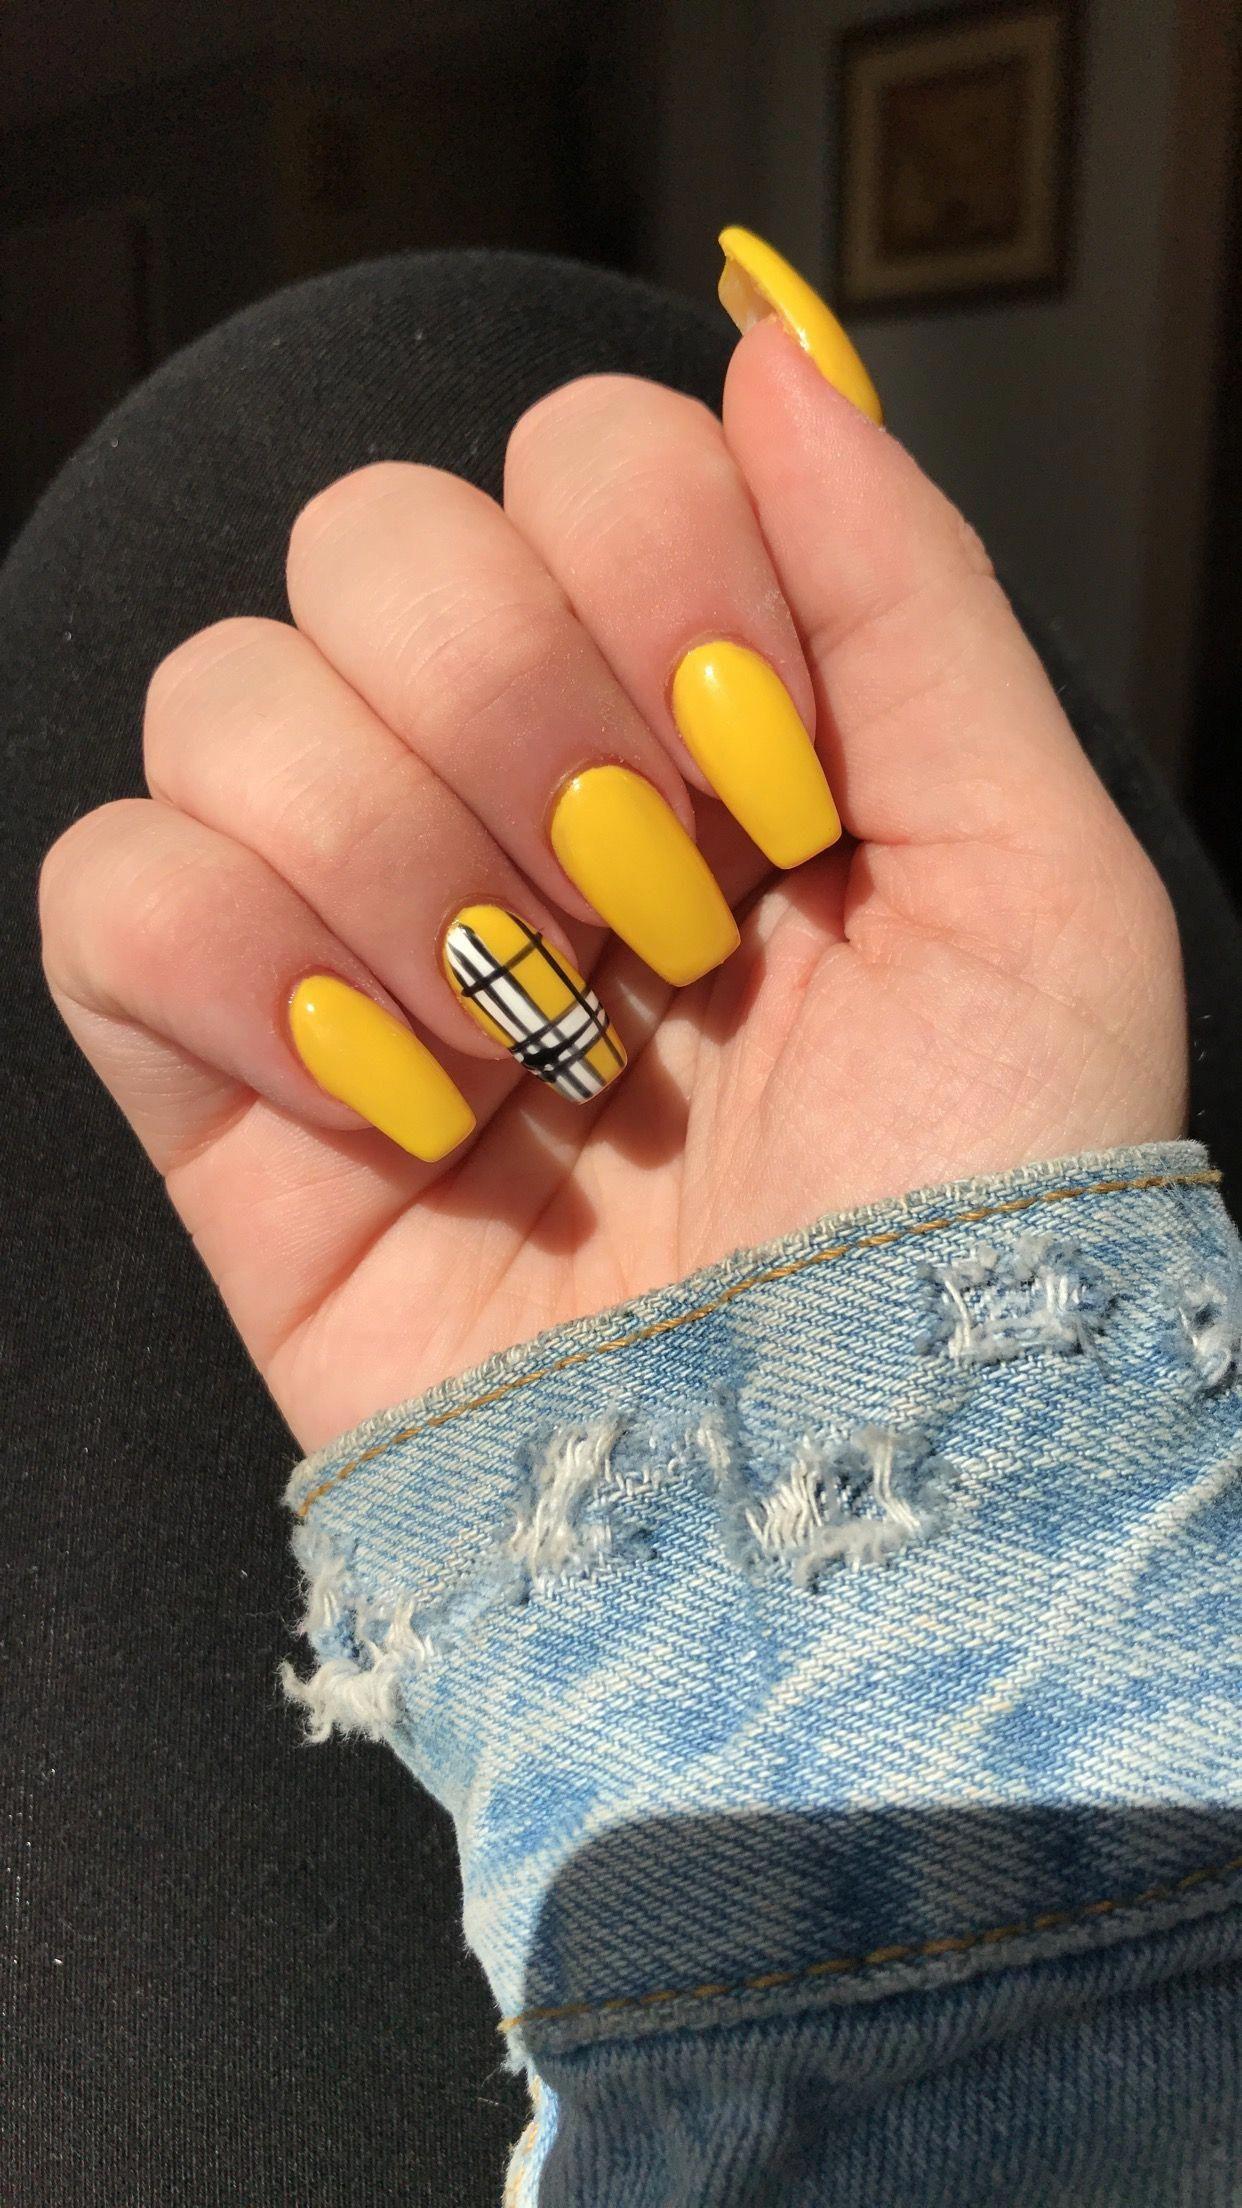 Nogotochki Manikyur Nails Yellow Nails Design Yellow Nails Short Acrylic Nails